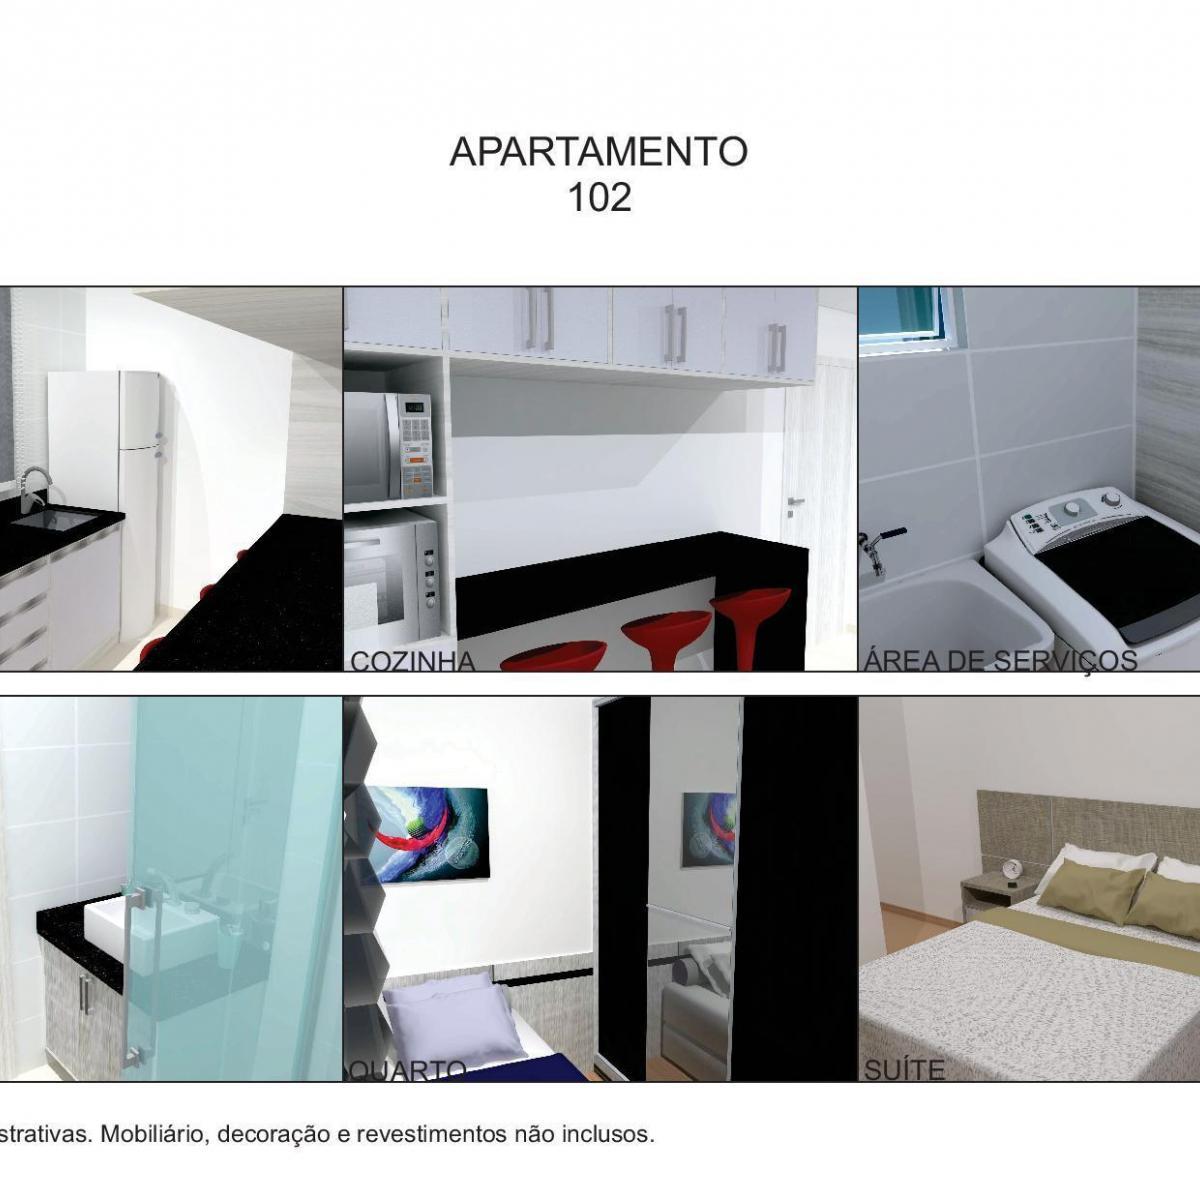 Apartamento à venda com 2 Quartos Portão Curitiba Consultar  #64211D 1200 1200